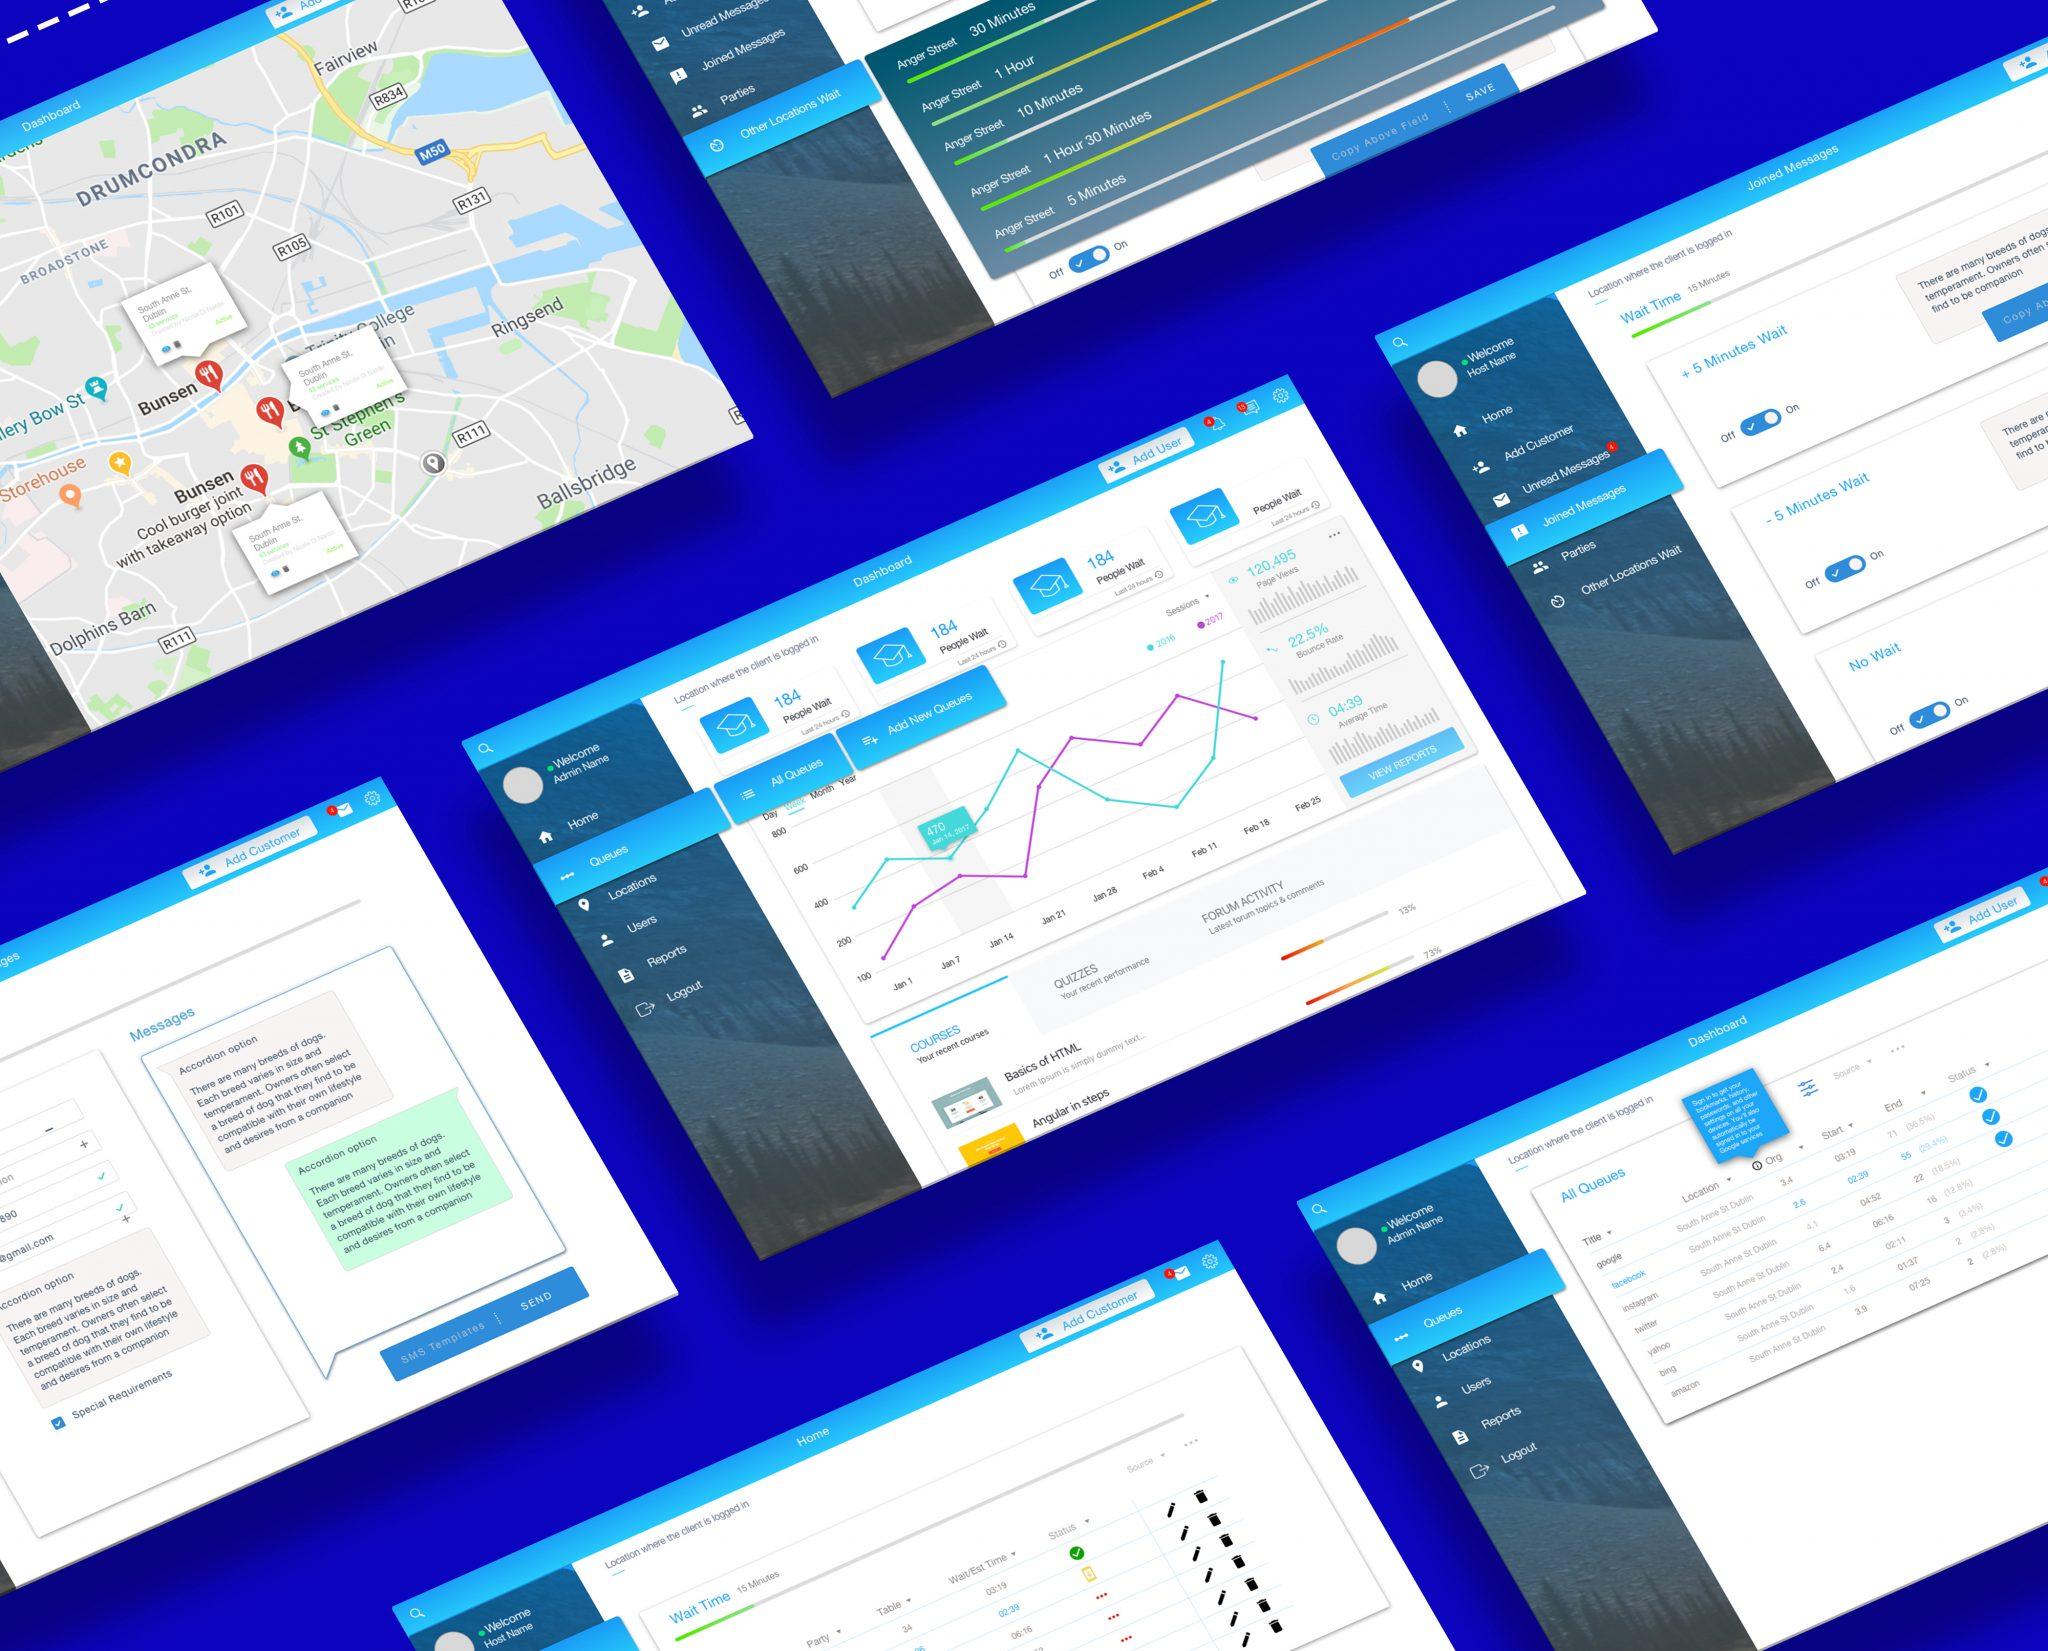 taylor-queue-screen-designs